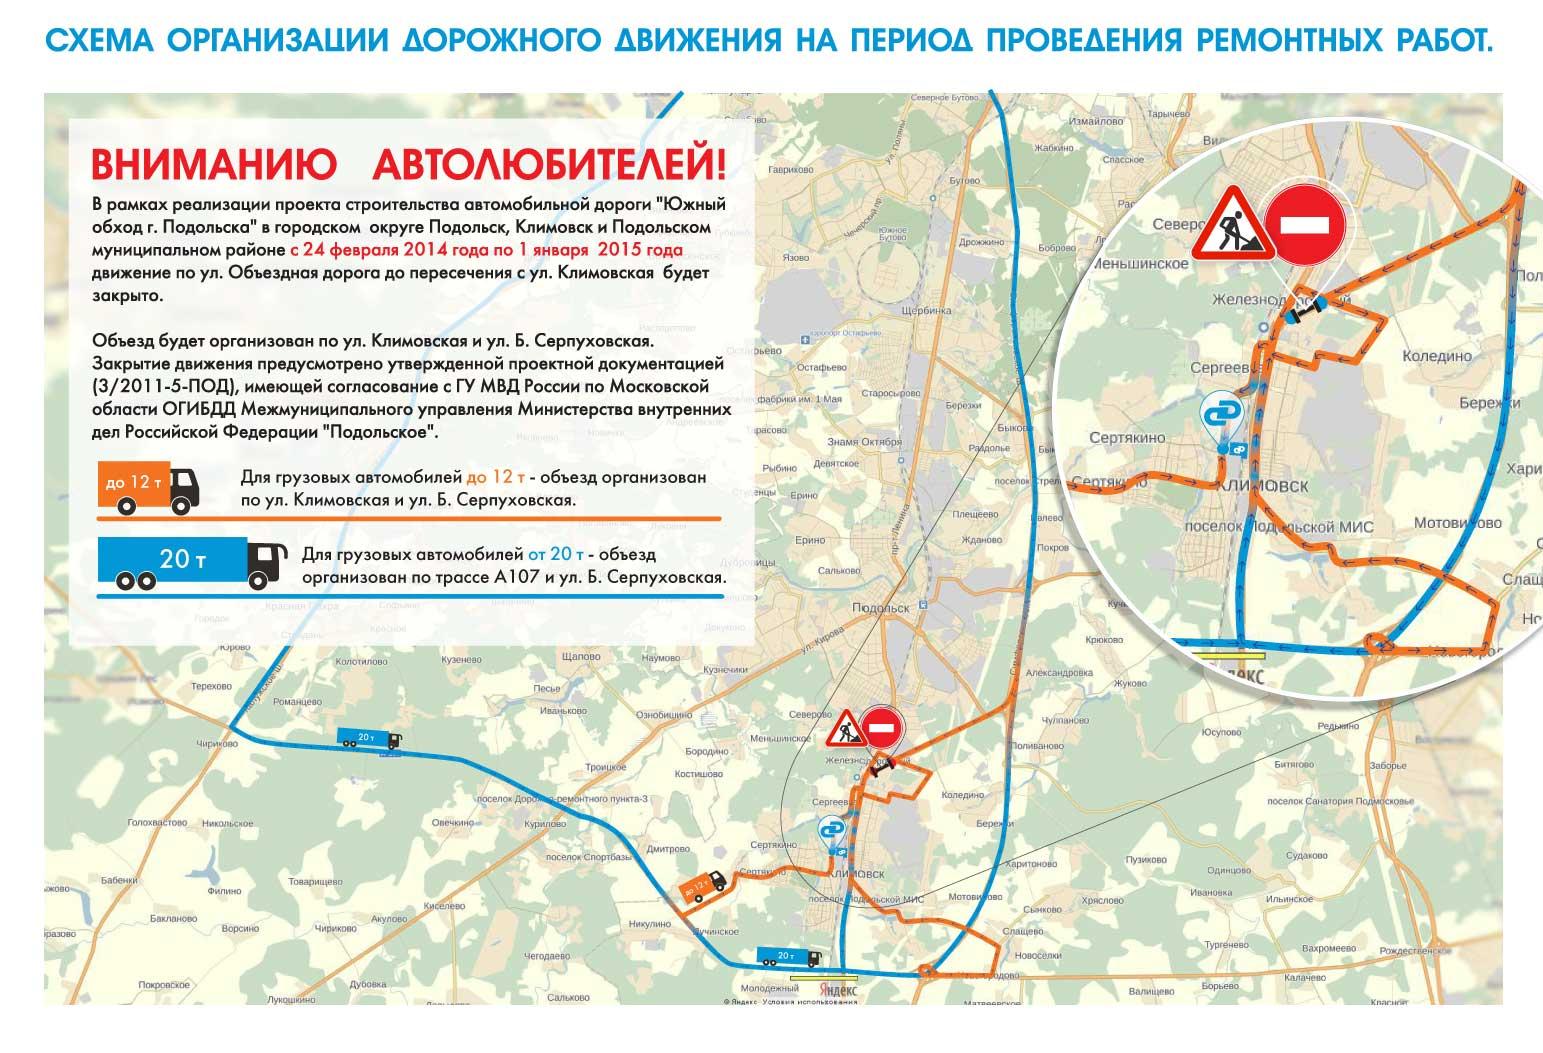 Схемы организации дорожного движения омска